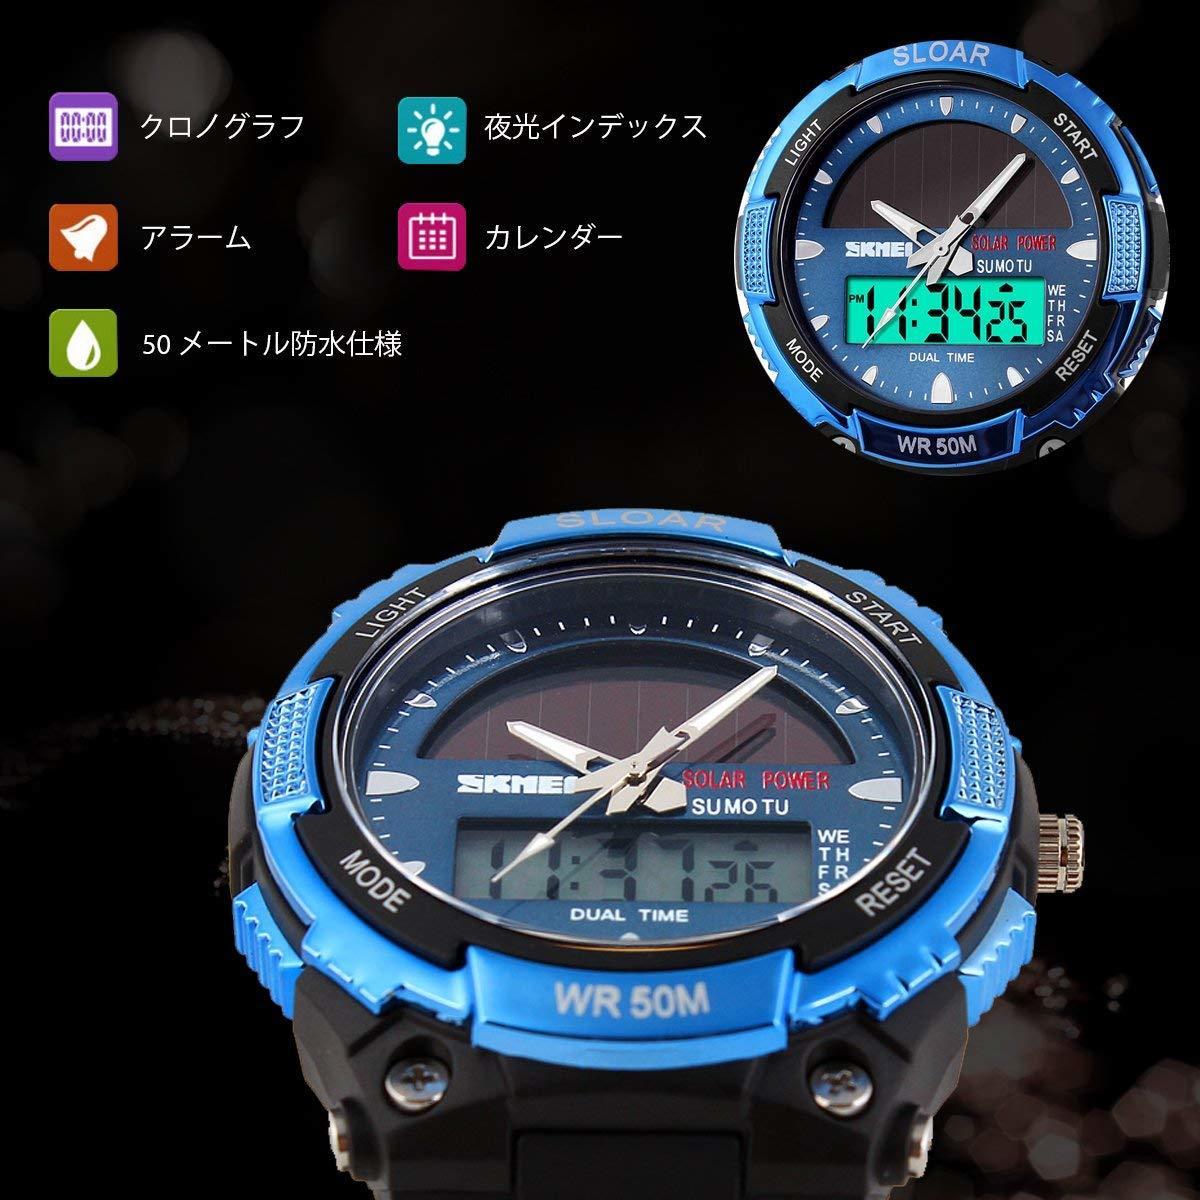 49blue ソーラー腕時計 メンズ デジアナウォッチ スポーツ 人気ブランド おしゃれ ファション クロノグラフ シリコン [_画像4